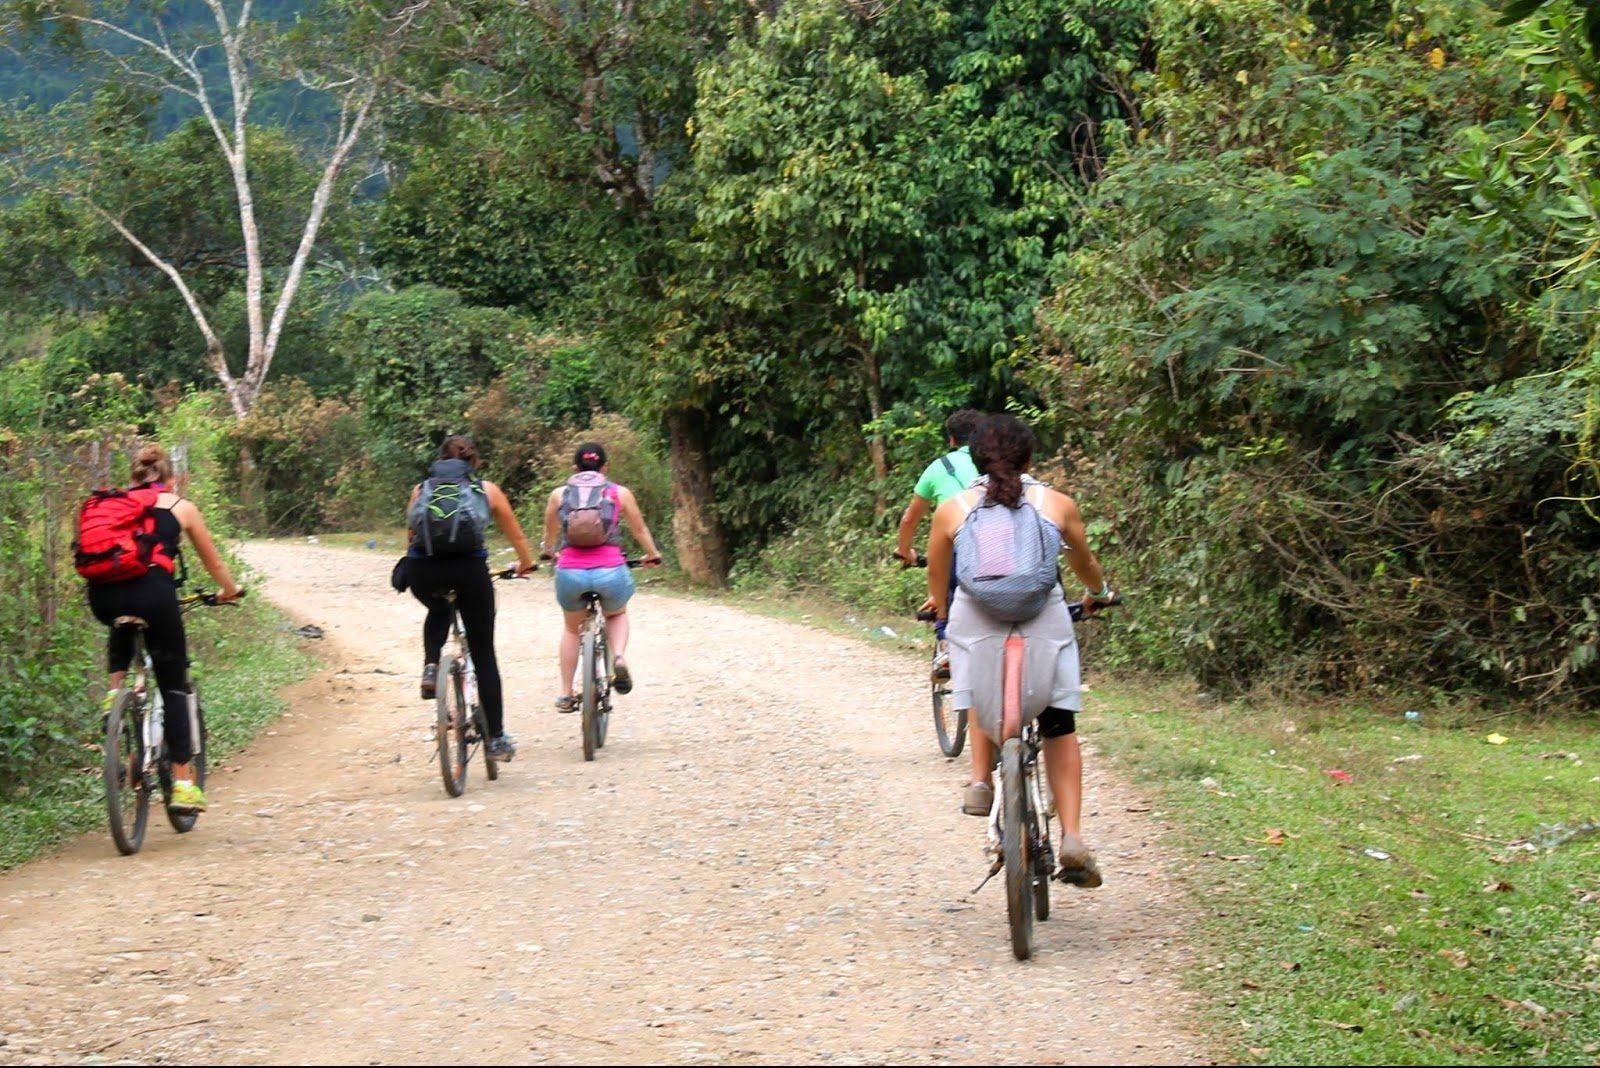 Giorni in compagnia a Vang Vieng e Luang Prabang…